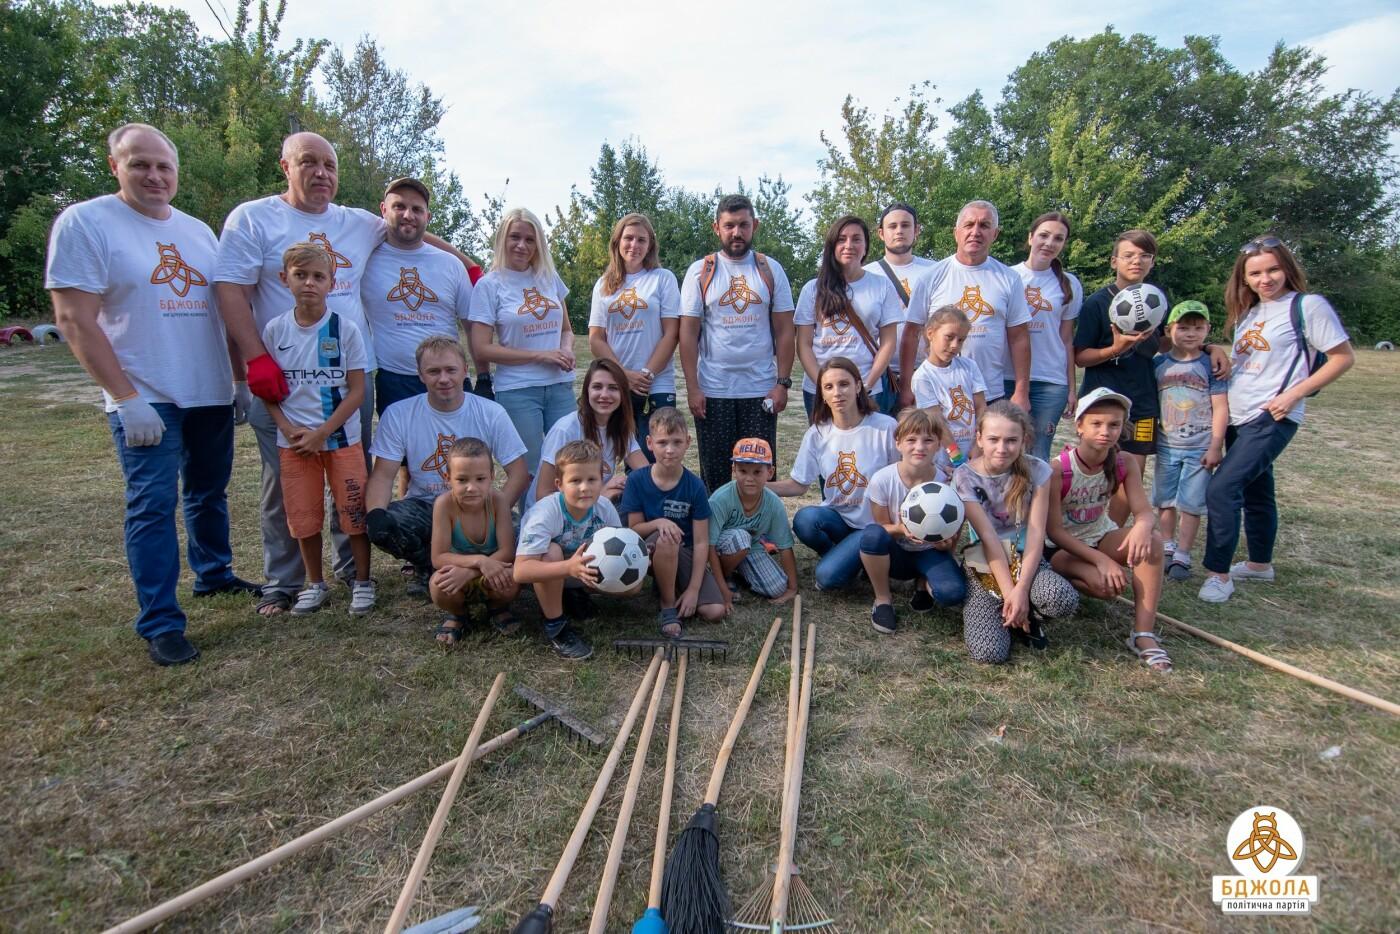 Активисты политической партии «БДЖОЛА» привели в порядок футбольное поле по проспекту Стуса, фото-5